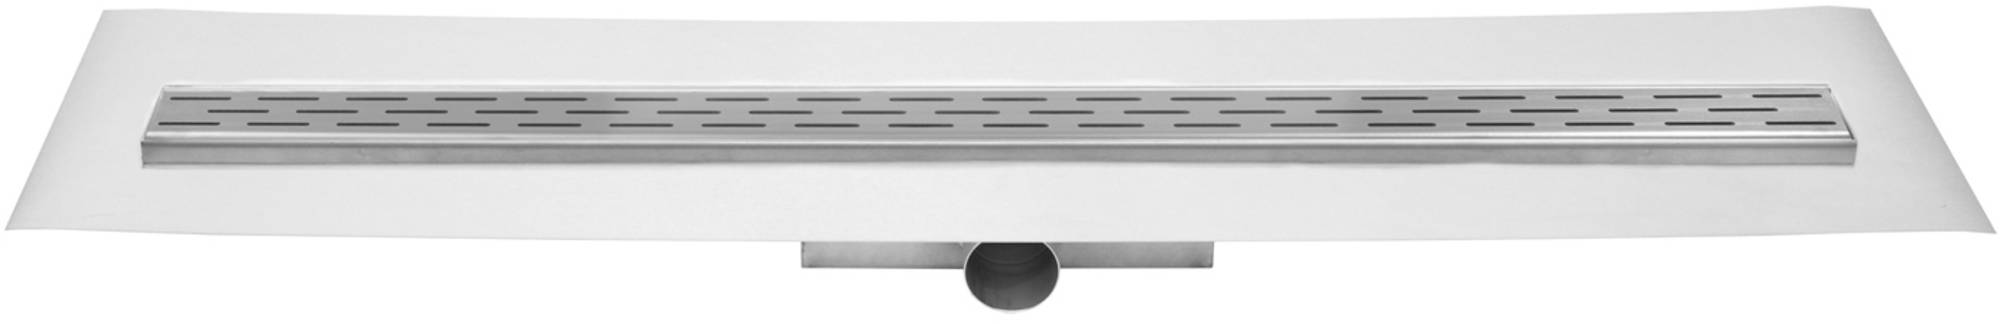 Easy Drain Compact FF 30 afvoergoot 6x80 cm zijuitlaat met afdichtingsdoek RVS